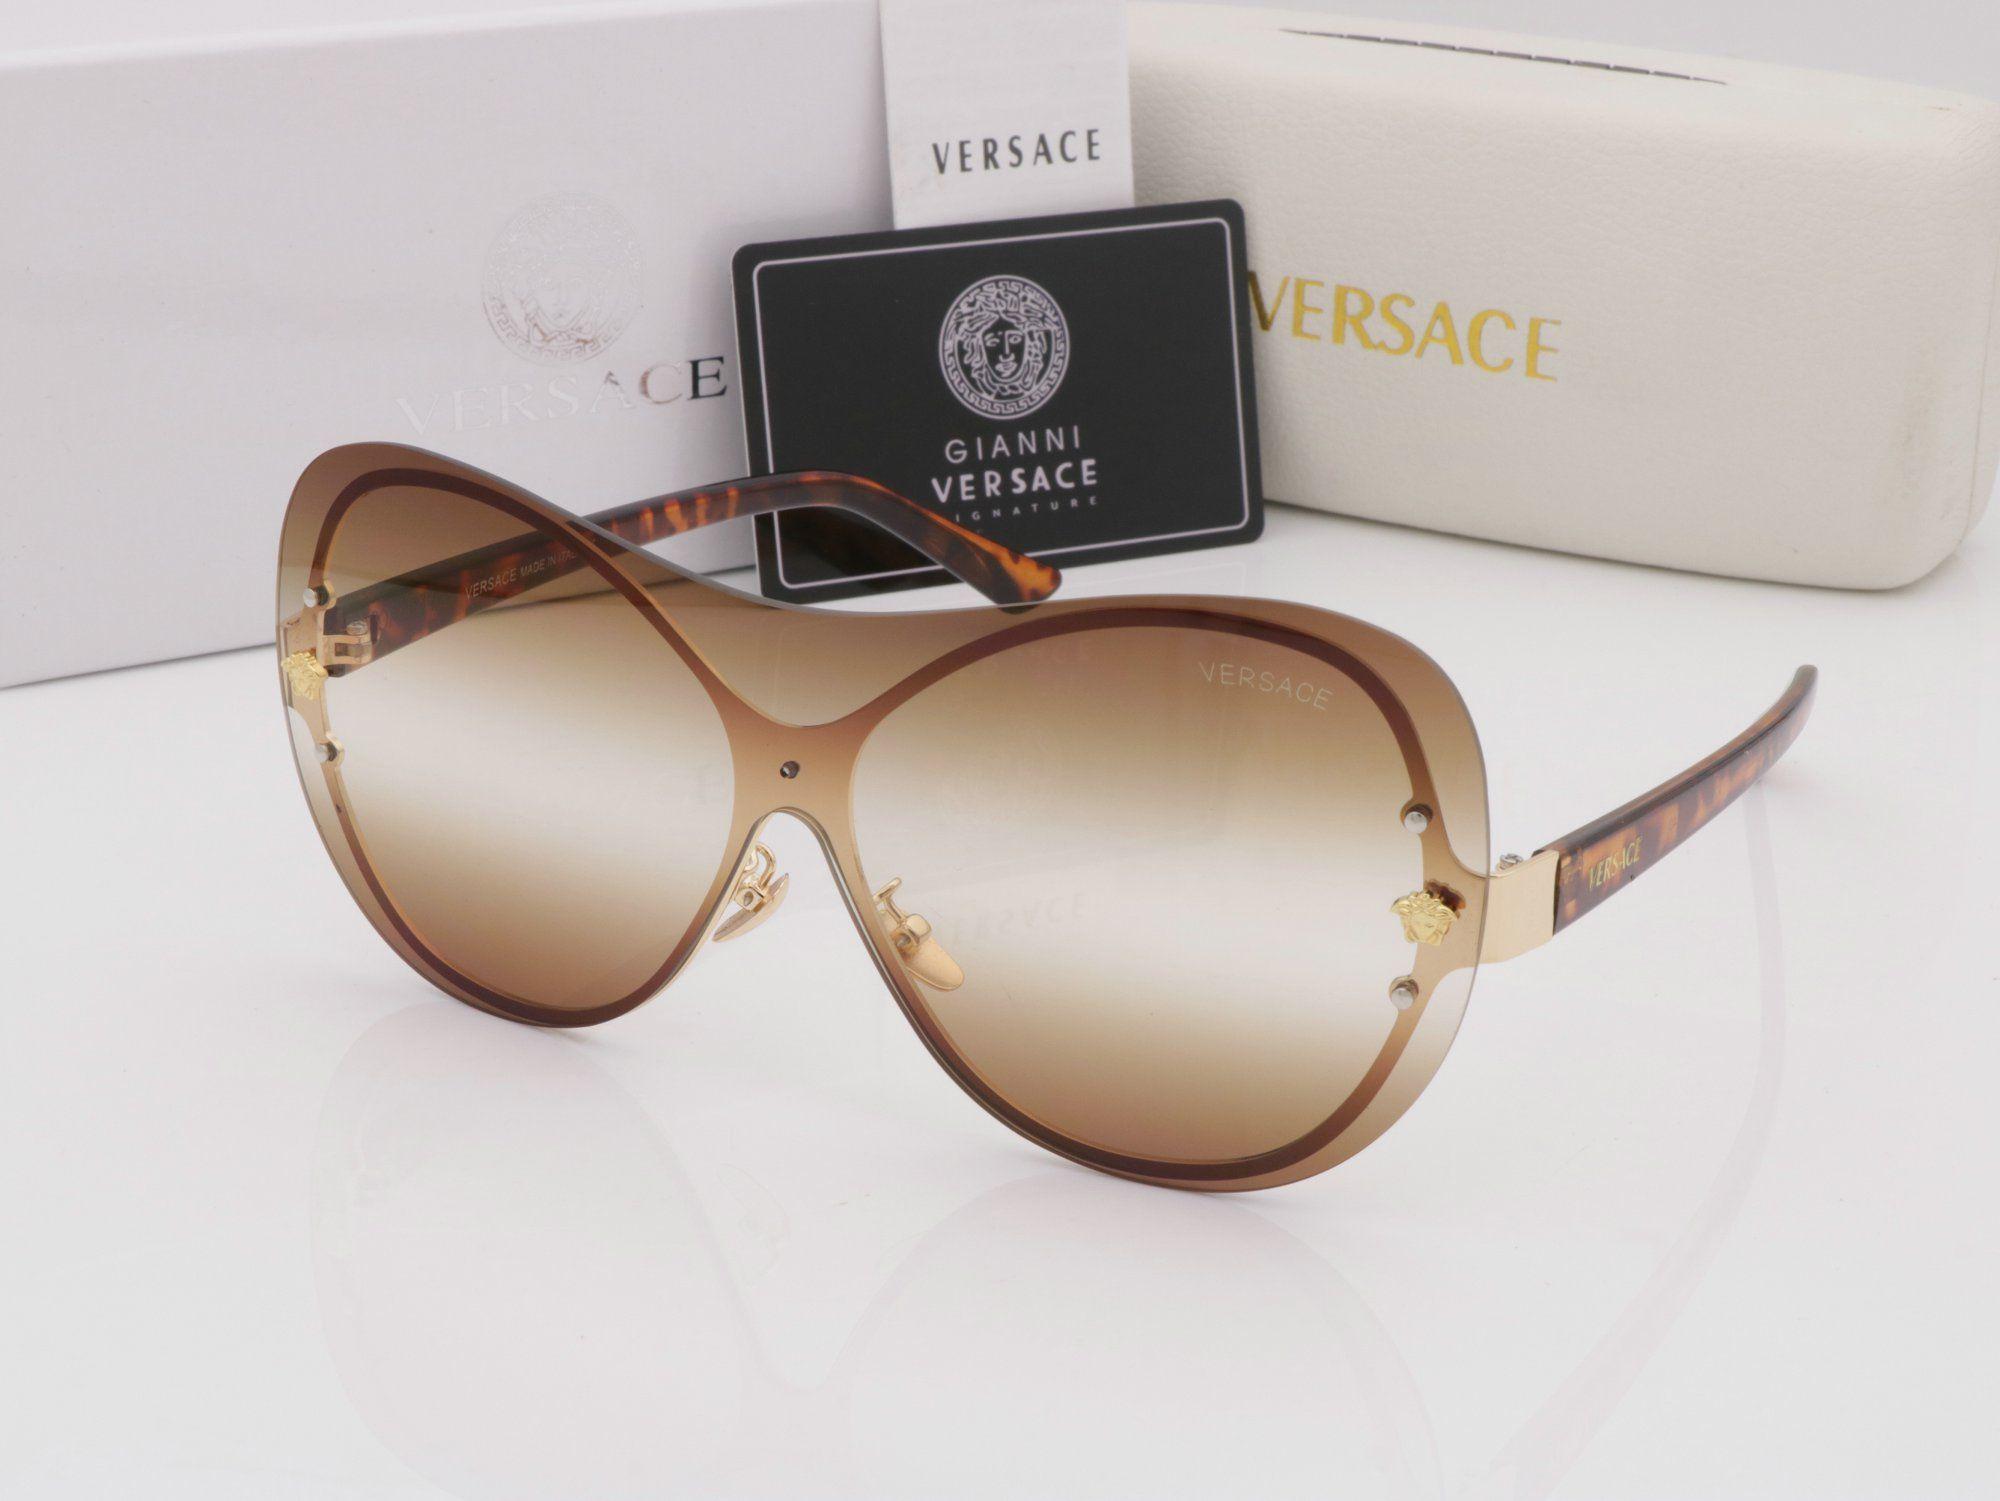 Compre Moda Medusa 4288 Retro Outdoor Óculos De Sol Quadrados Marca De Luxo  Óculos De Sol Originais Vêm Com Caixa E Caixas De Adidasinike, ... 32c3e0211b